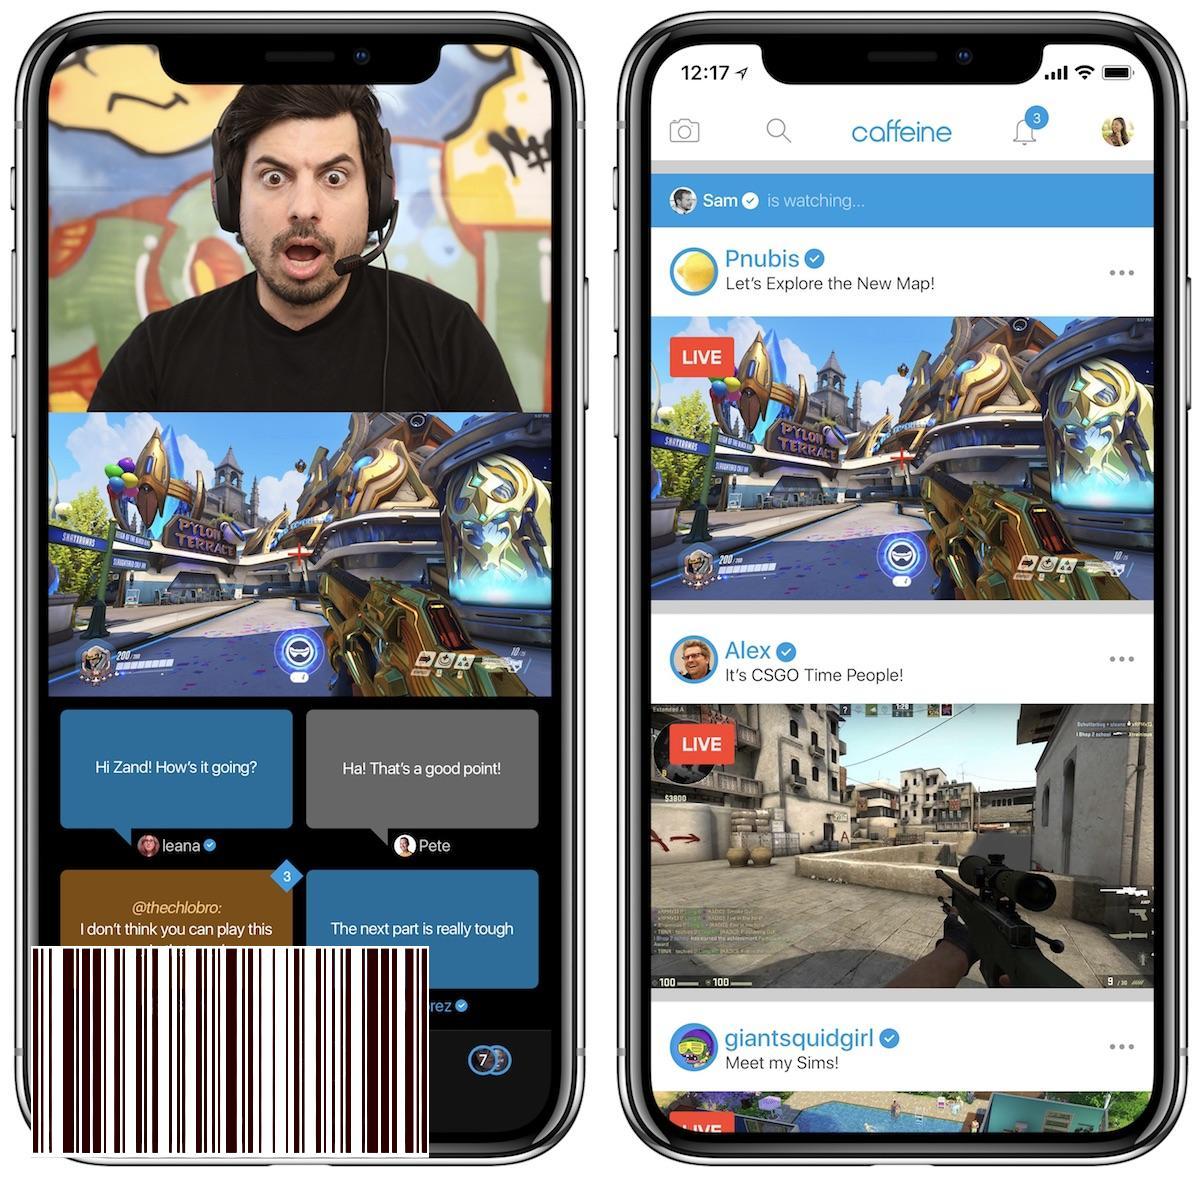 Screenshot do app Caffeine: Live Streaming